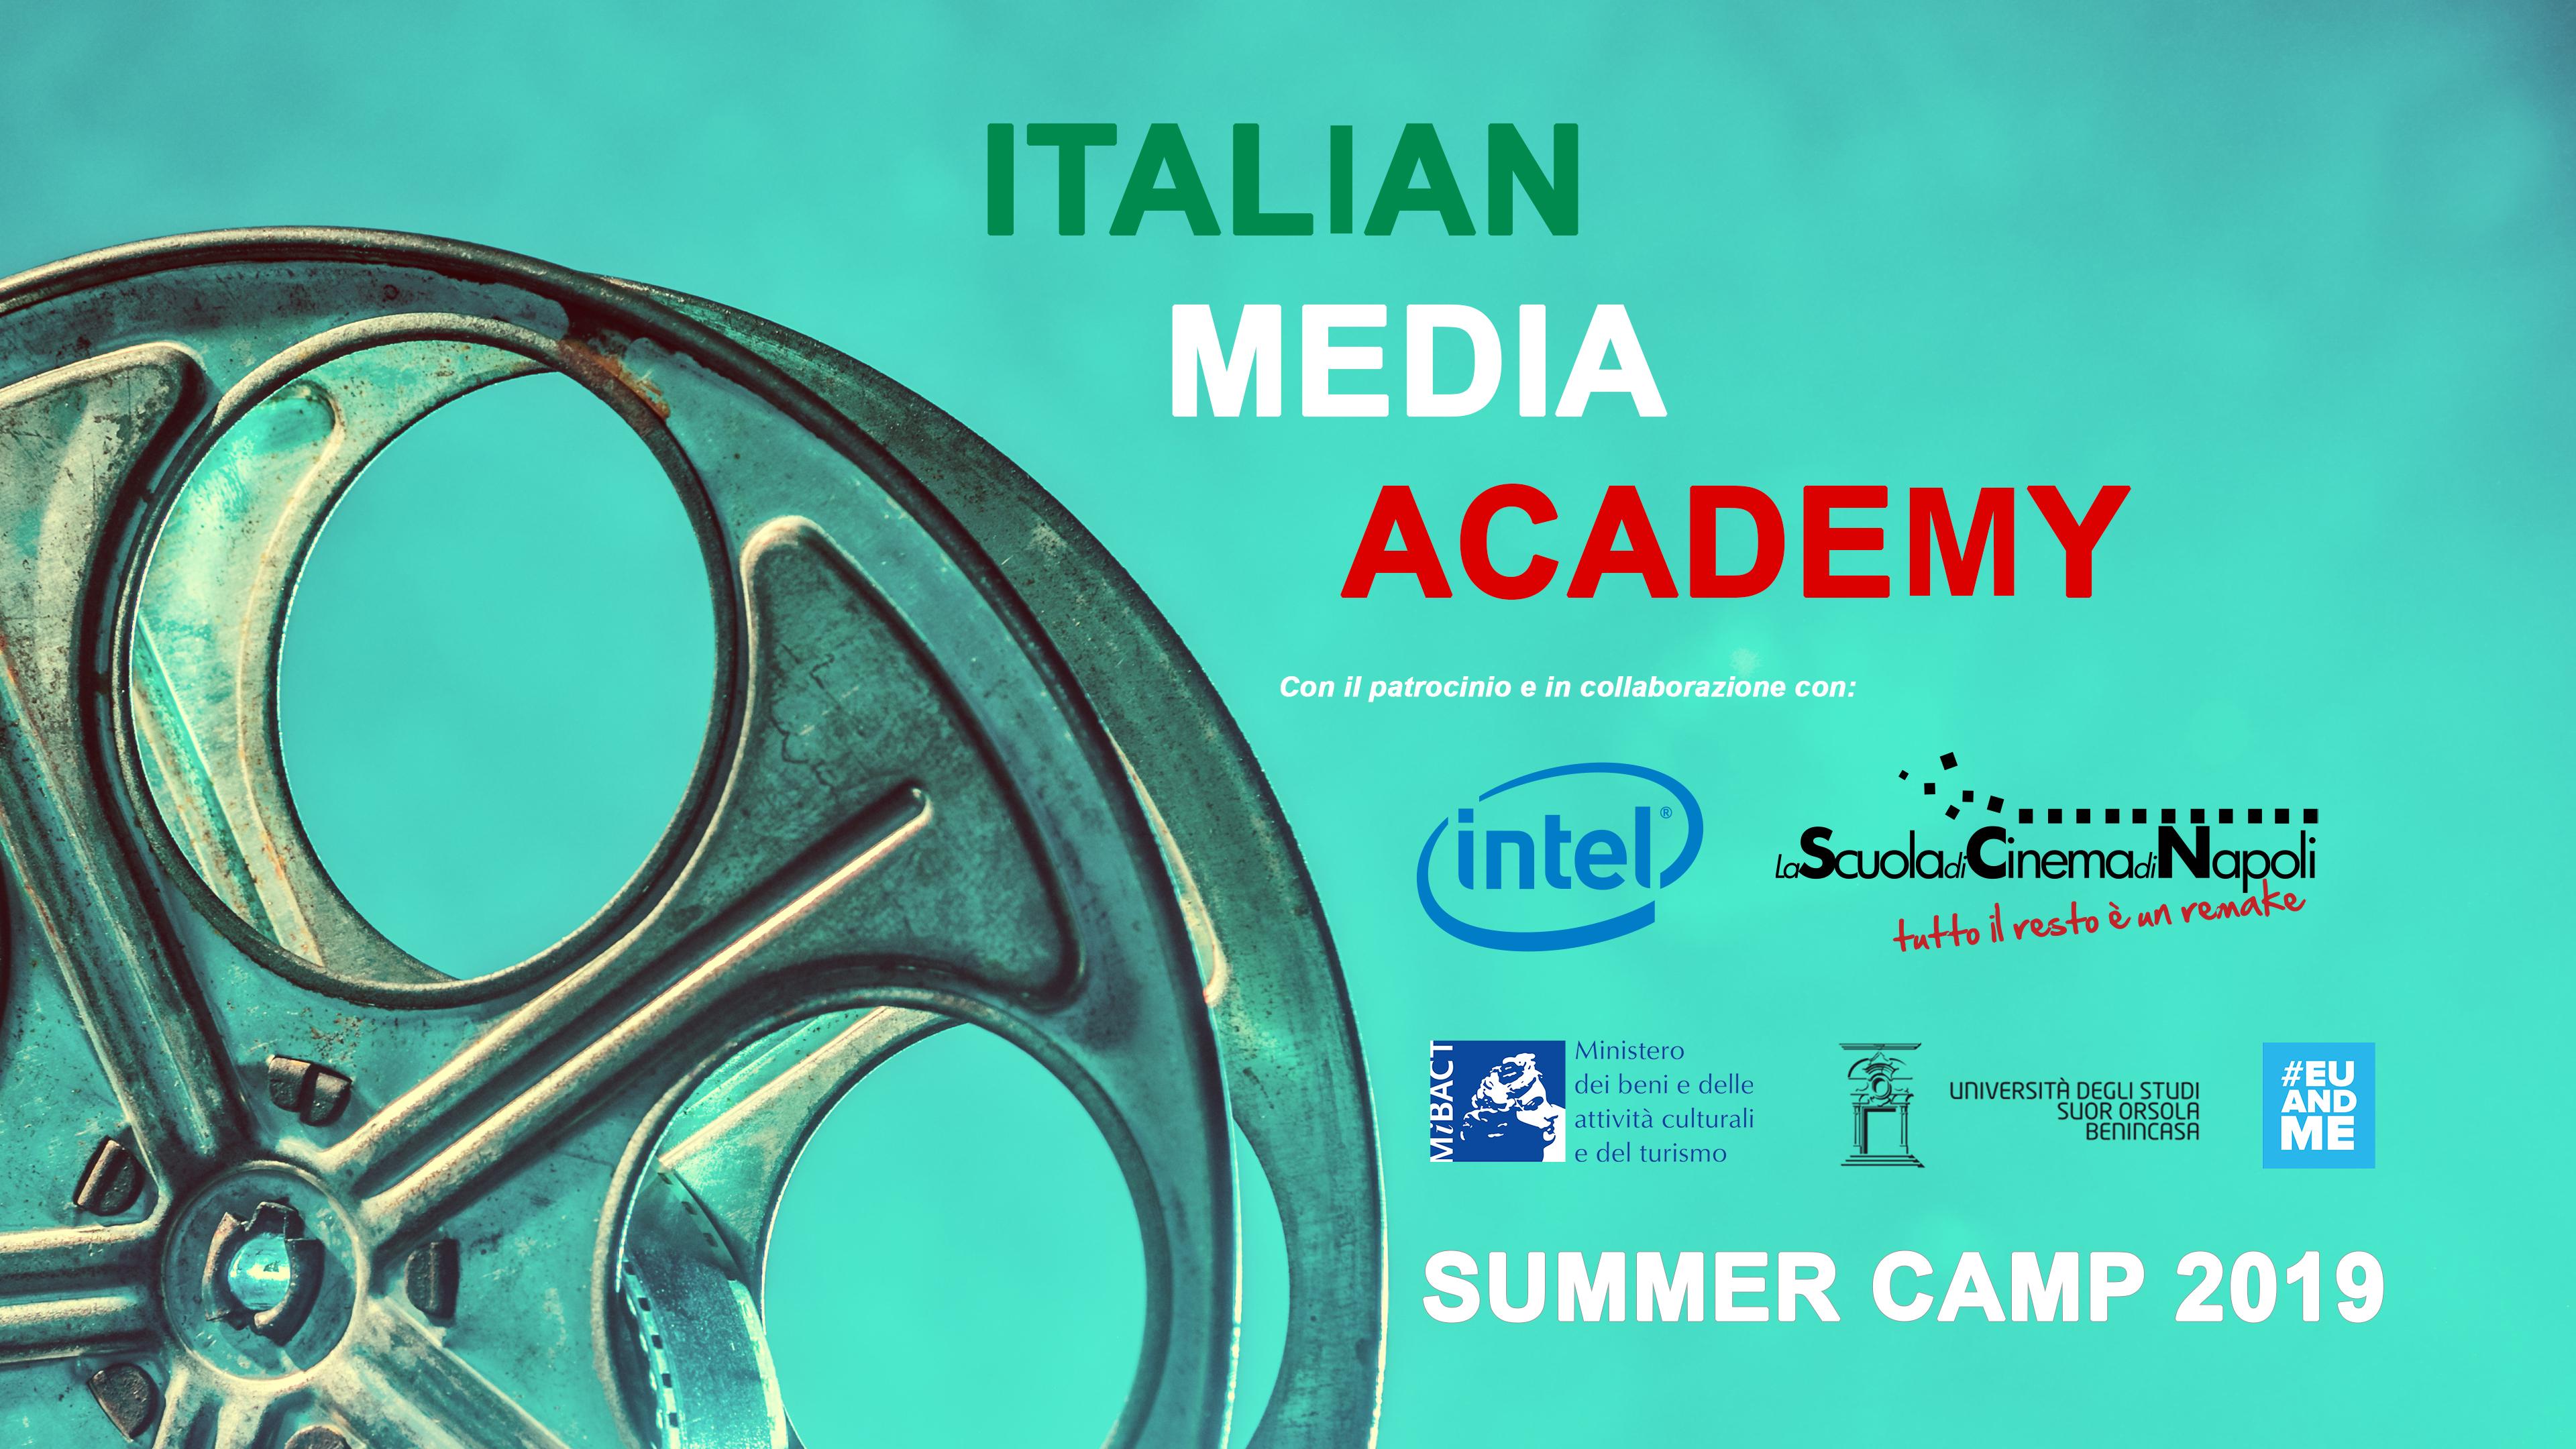 italian-media-academy